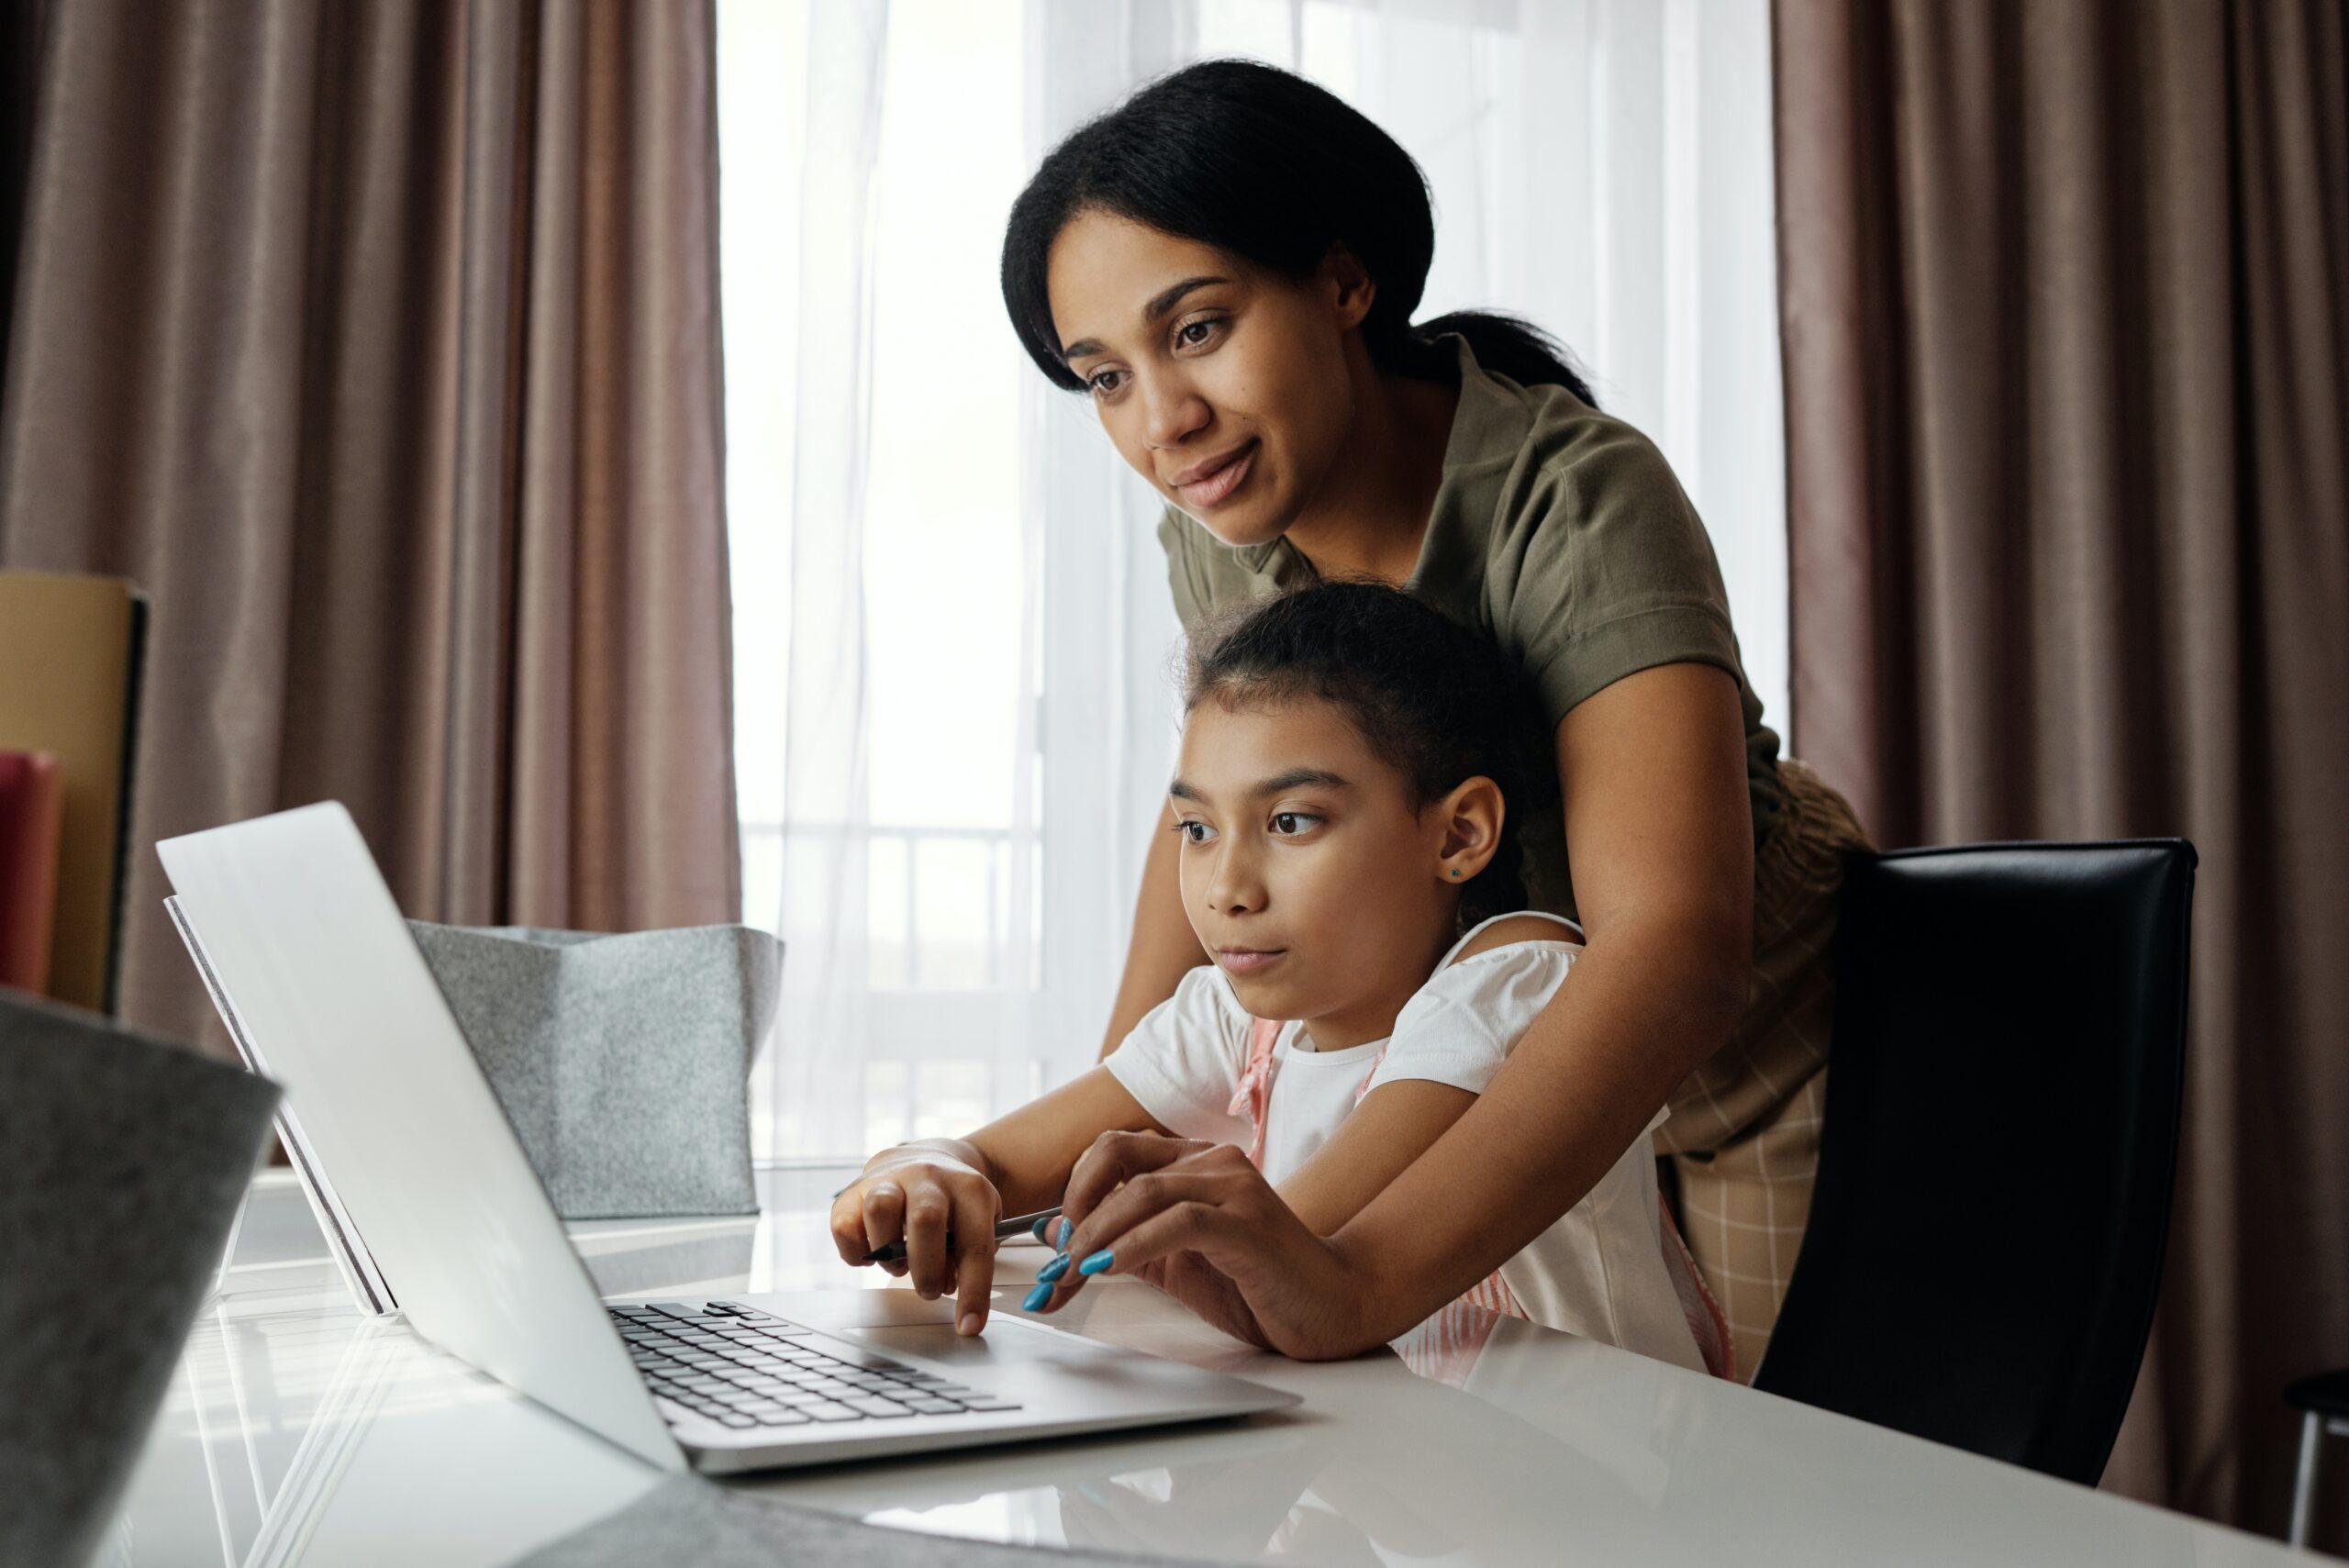 Pertanyaan untuk anak yang sekolah online